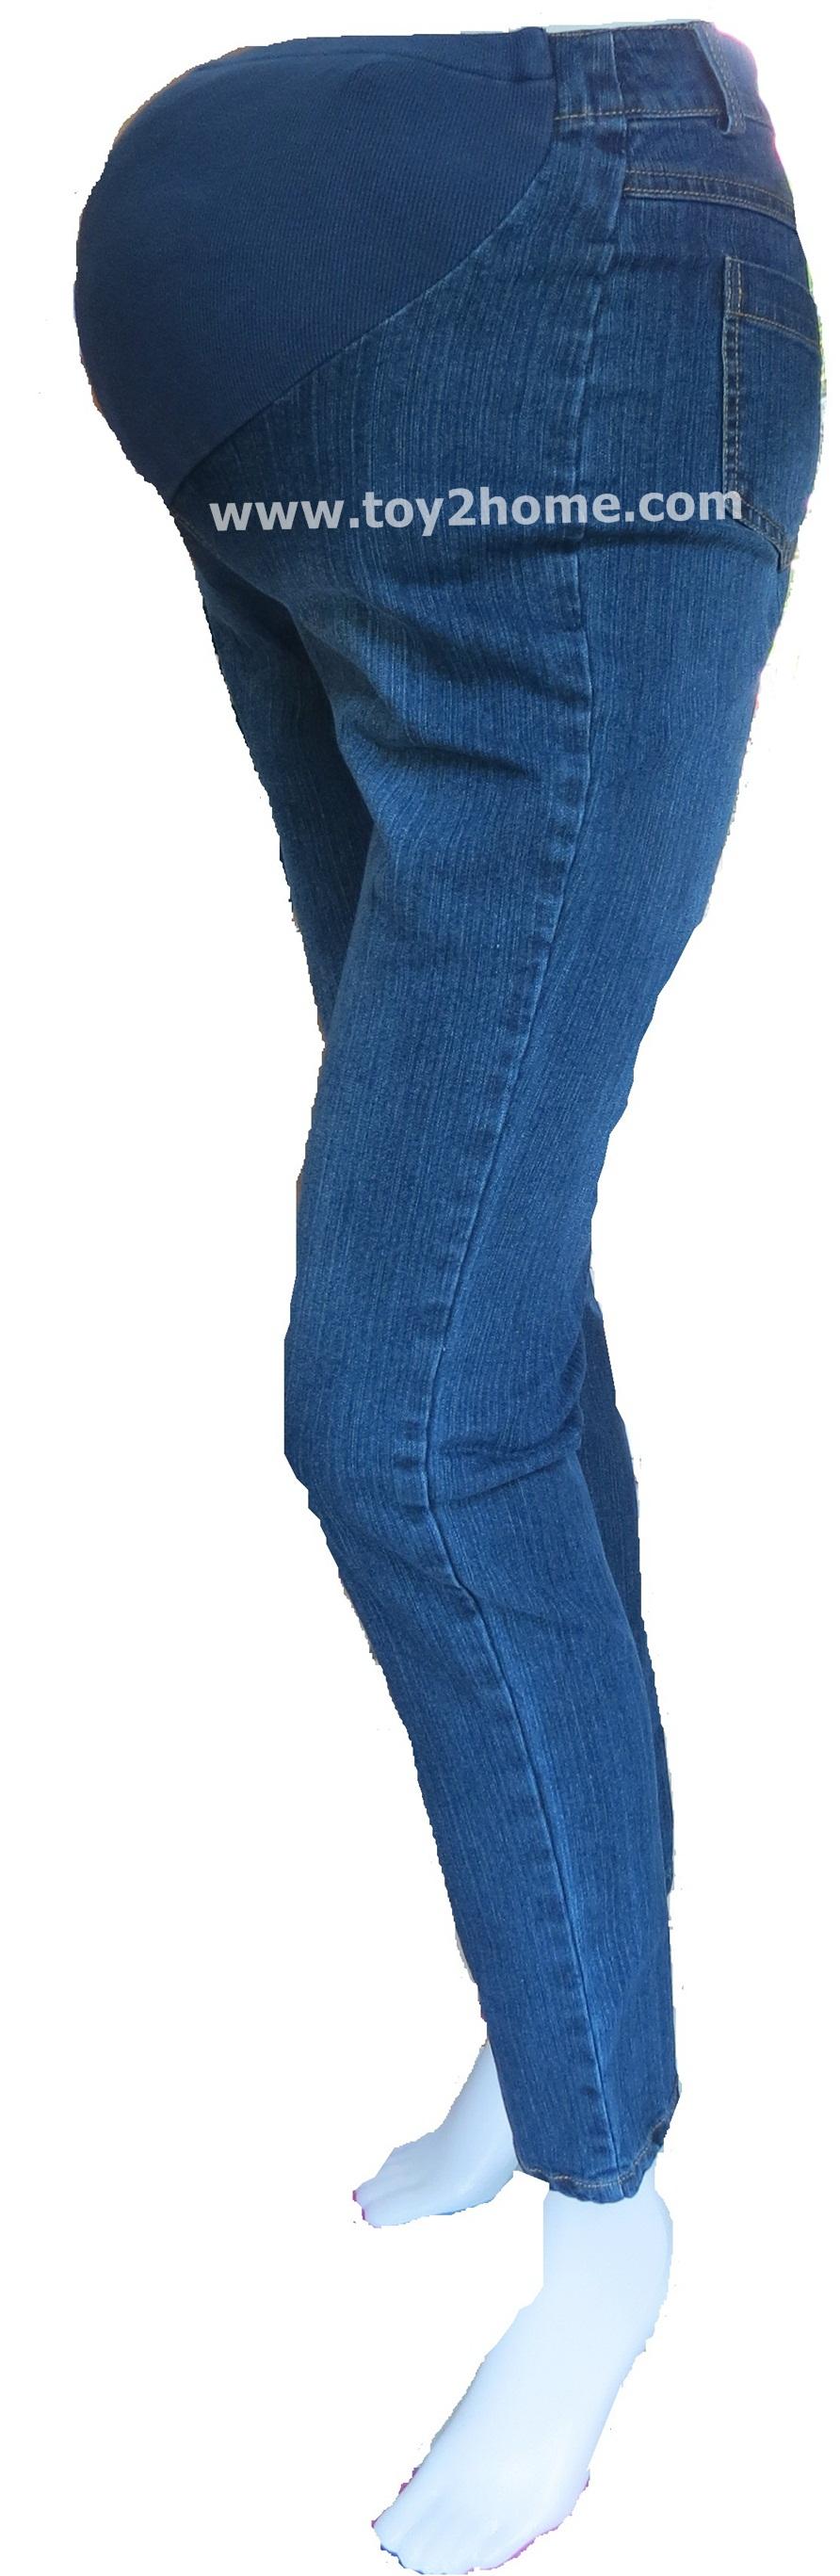 กางเกงคนท้องใส่ทำงาน (สียีนส์) ผ้าSPENDEX ขายาว 9 ส่วน